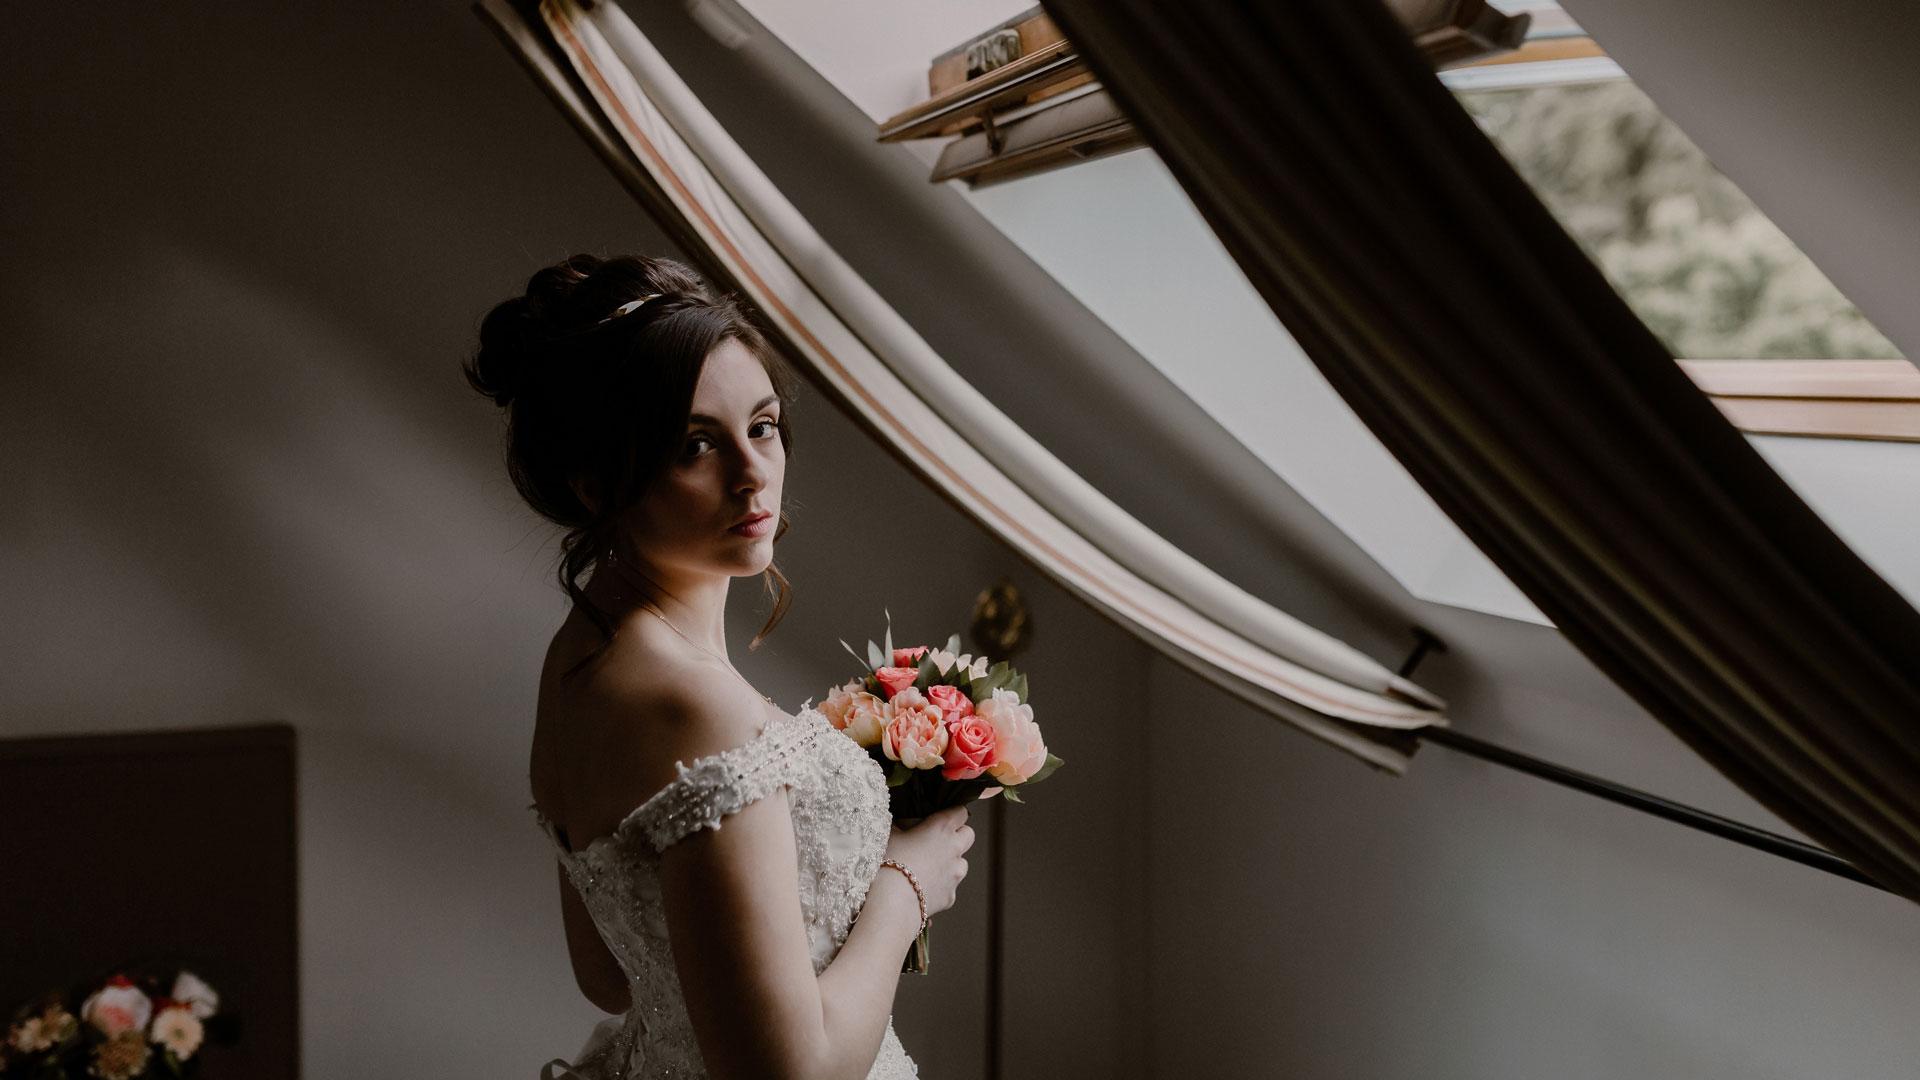 La mariée entrain de regarder l'objectif avec son bouquet dans les mains. Shooting d'inspiration mariage Corail et Gold. Perfect Moment by A Wedding planner Reims